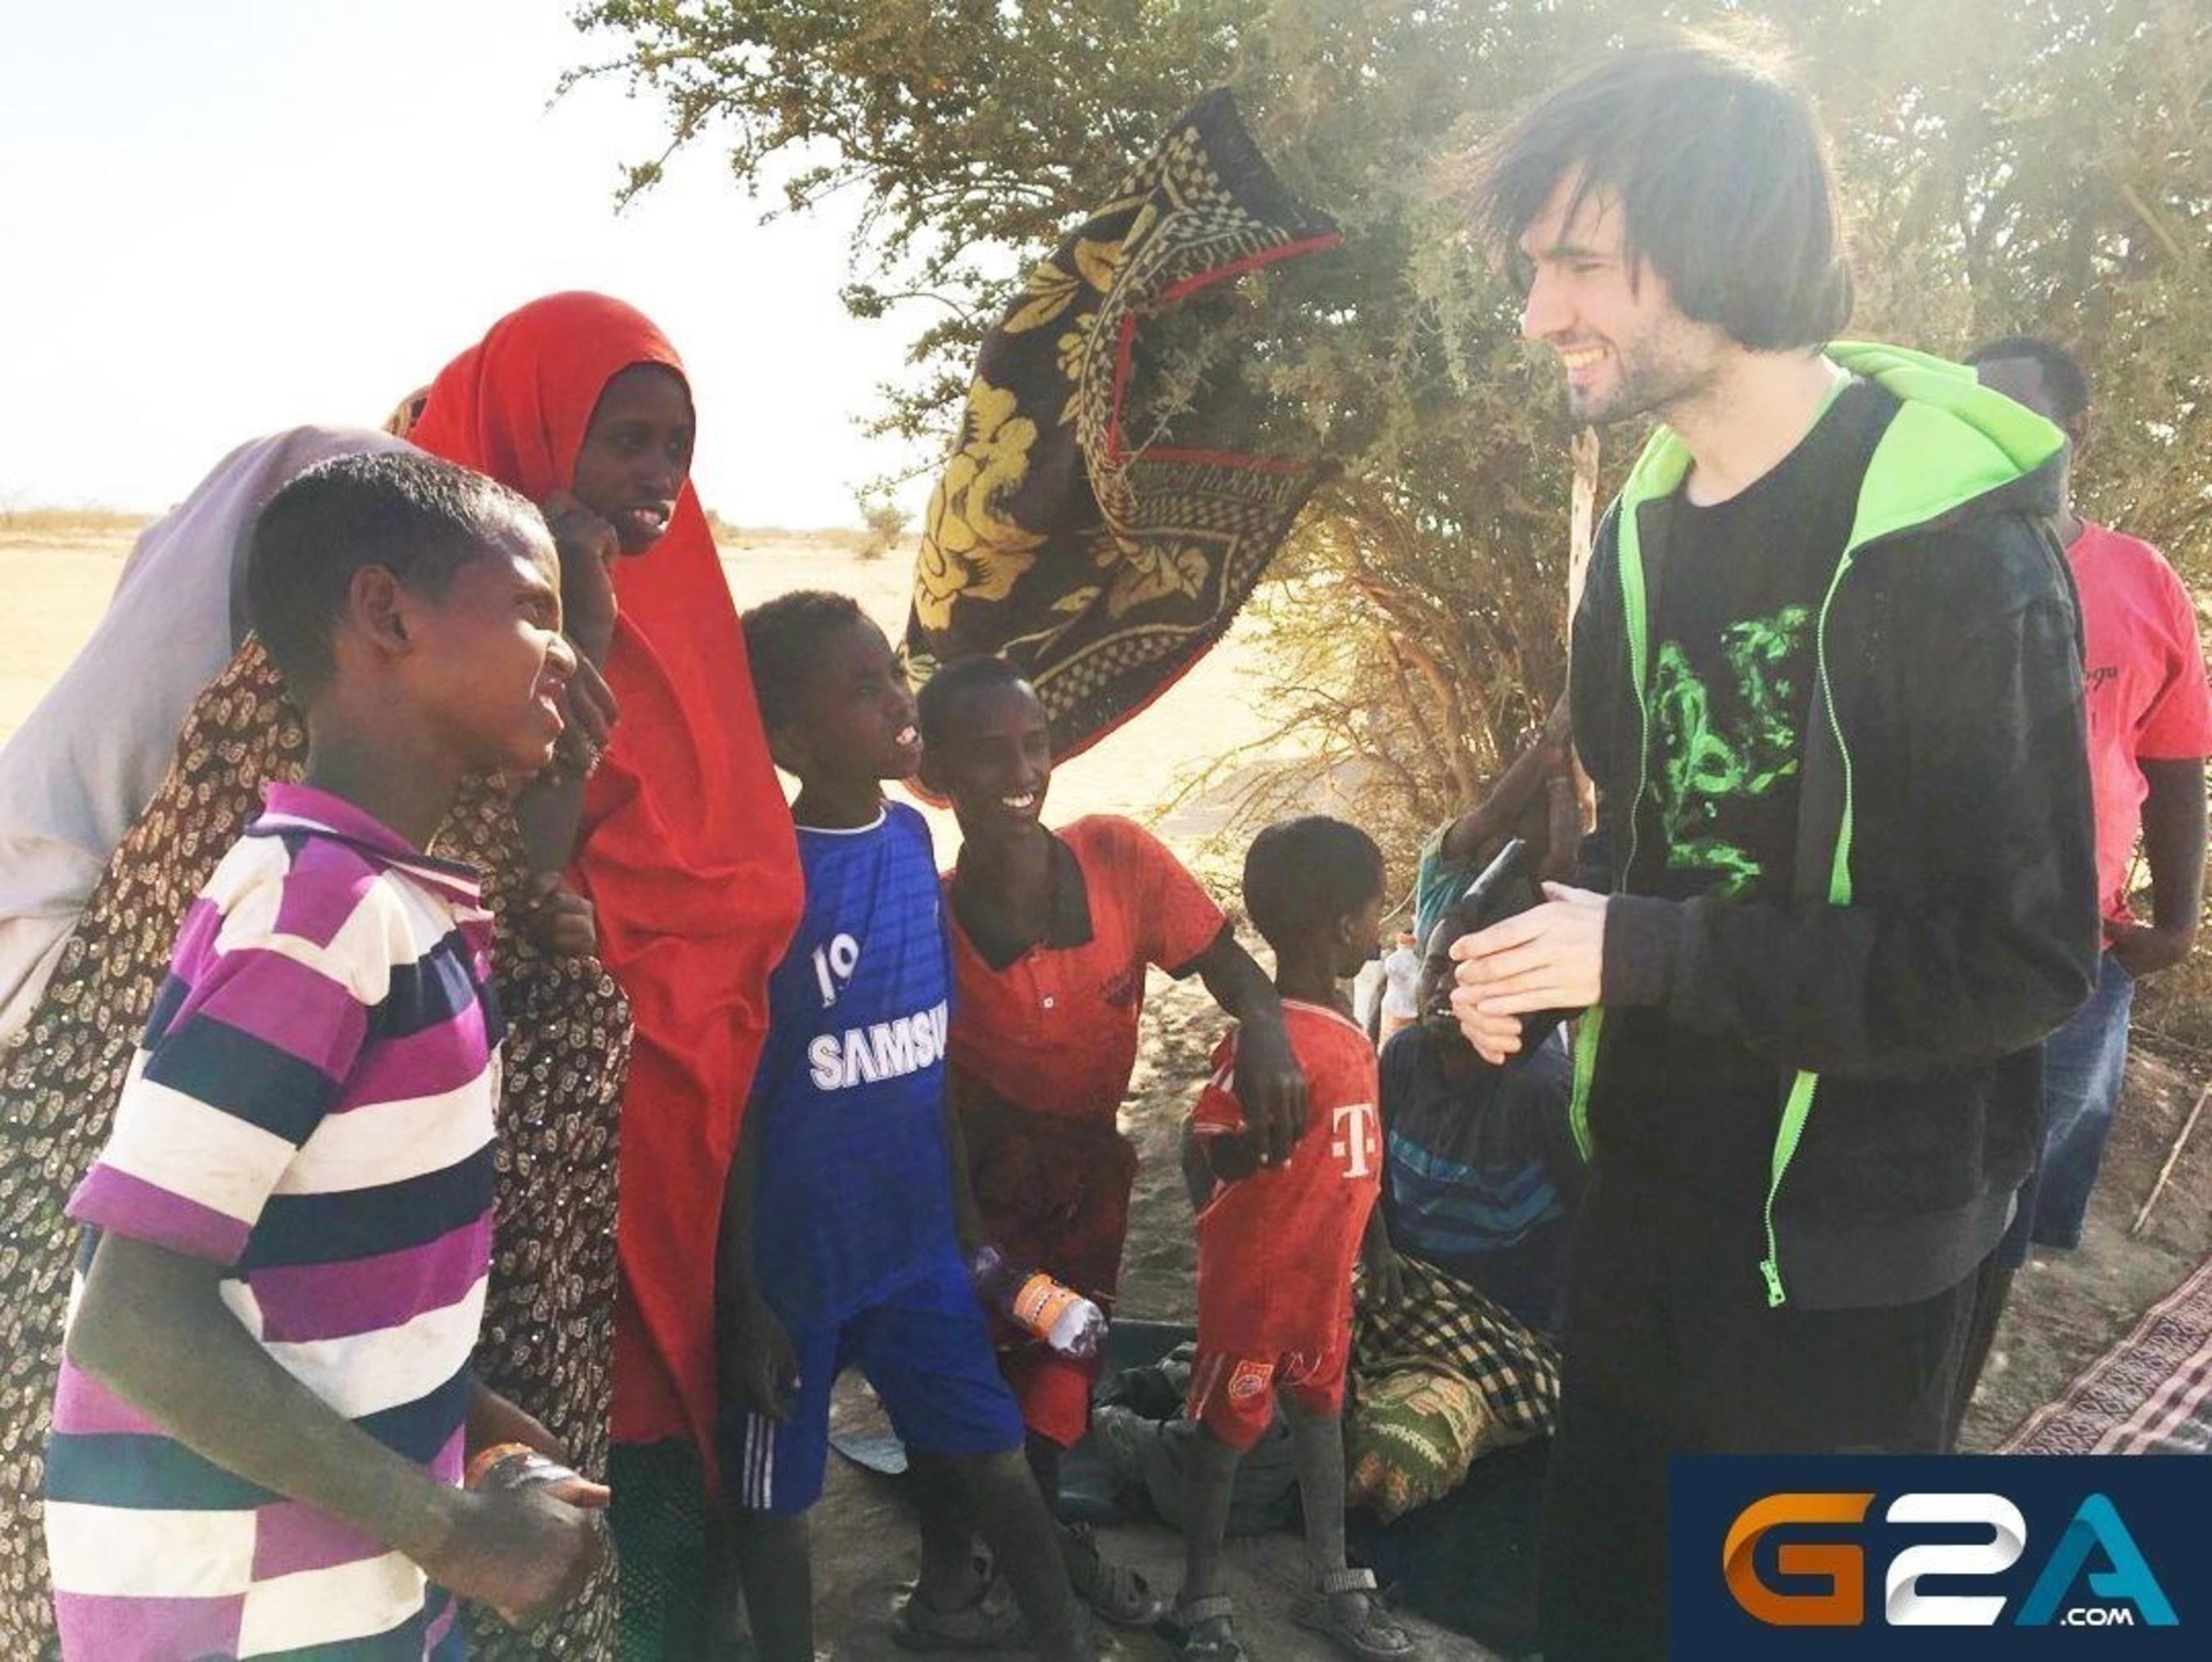 Em colaboração com 'Gaming for Good' e 'Save the Children', G2A promove a ação da comunidade de